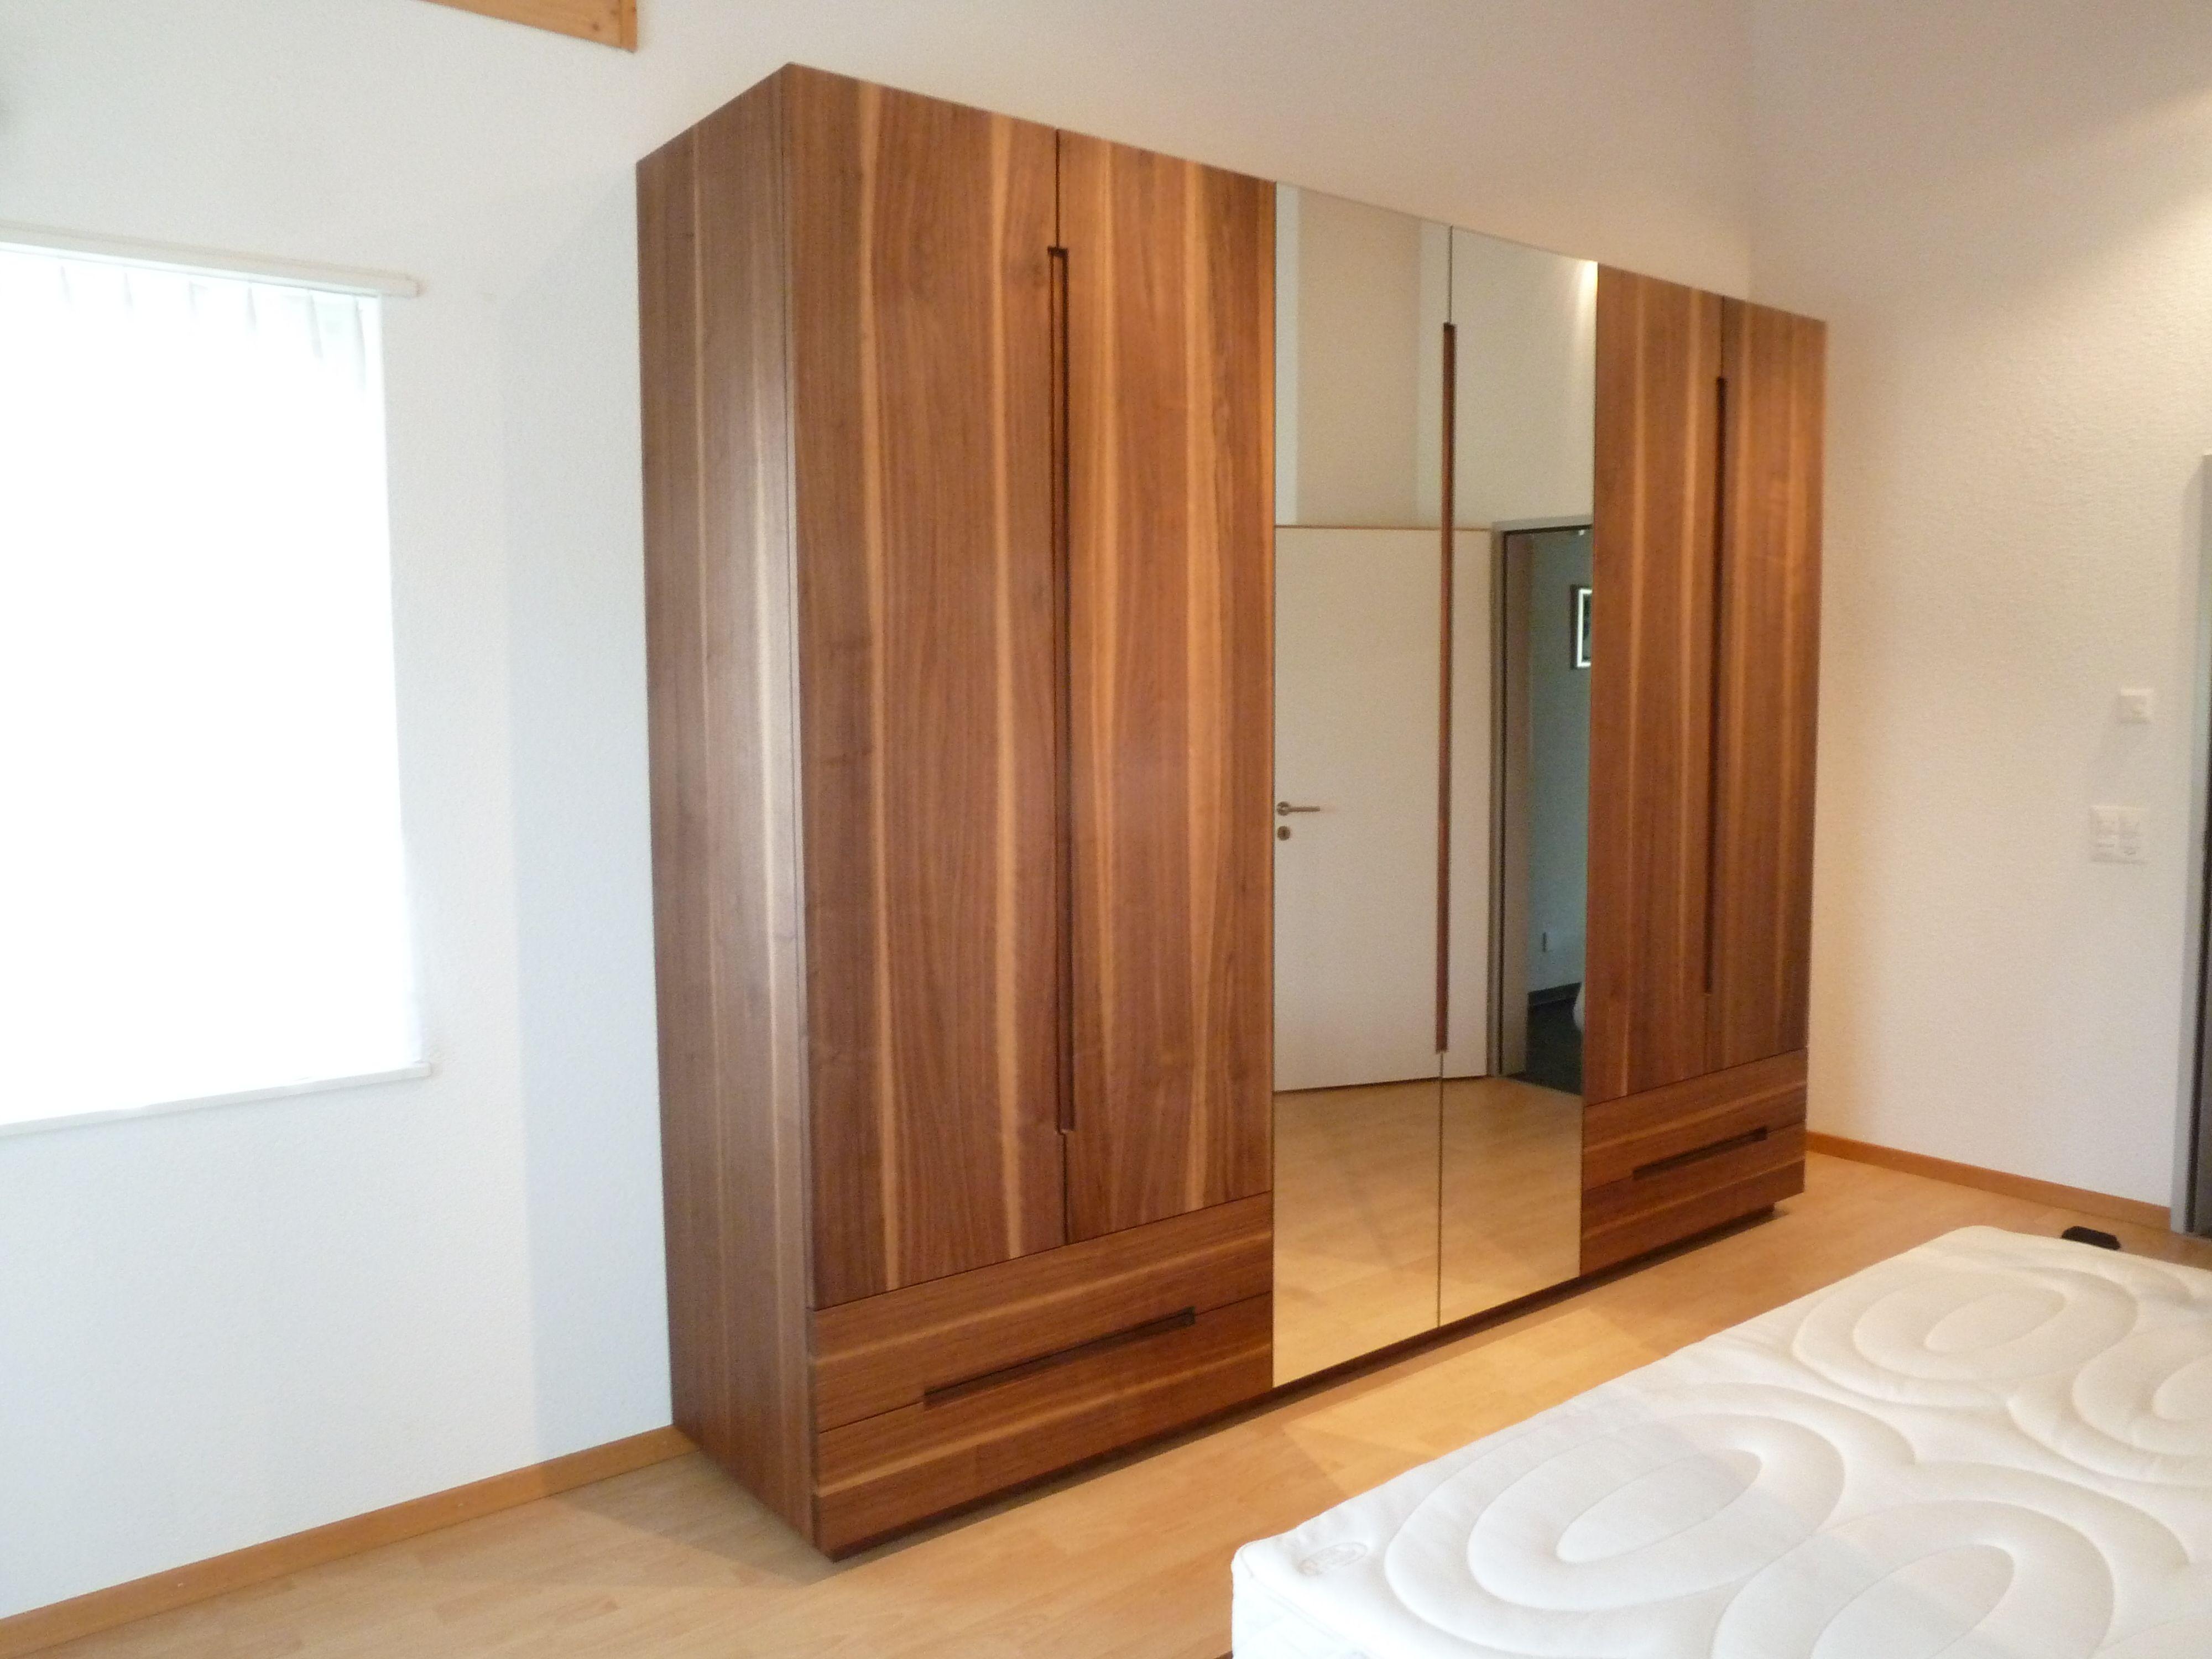 Schrank Nussbaum Schlafzimmer Bett Schlafzimmer Zimmer